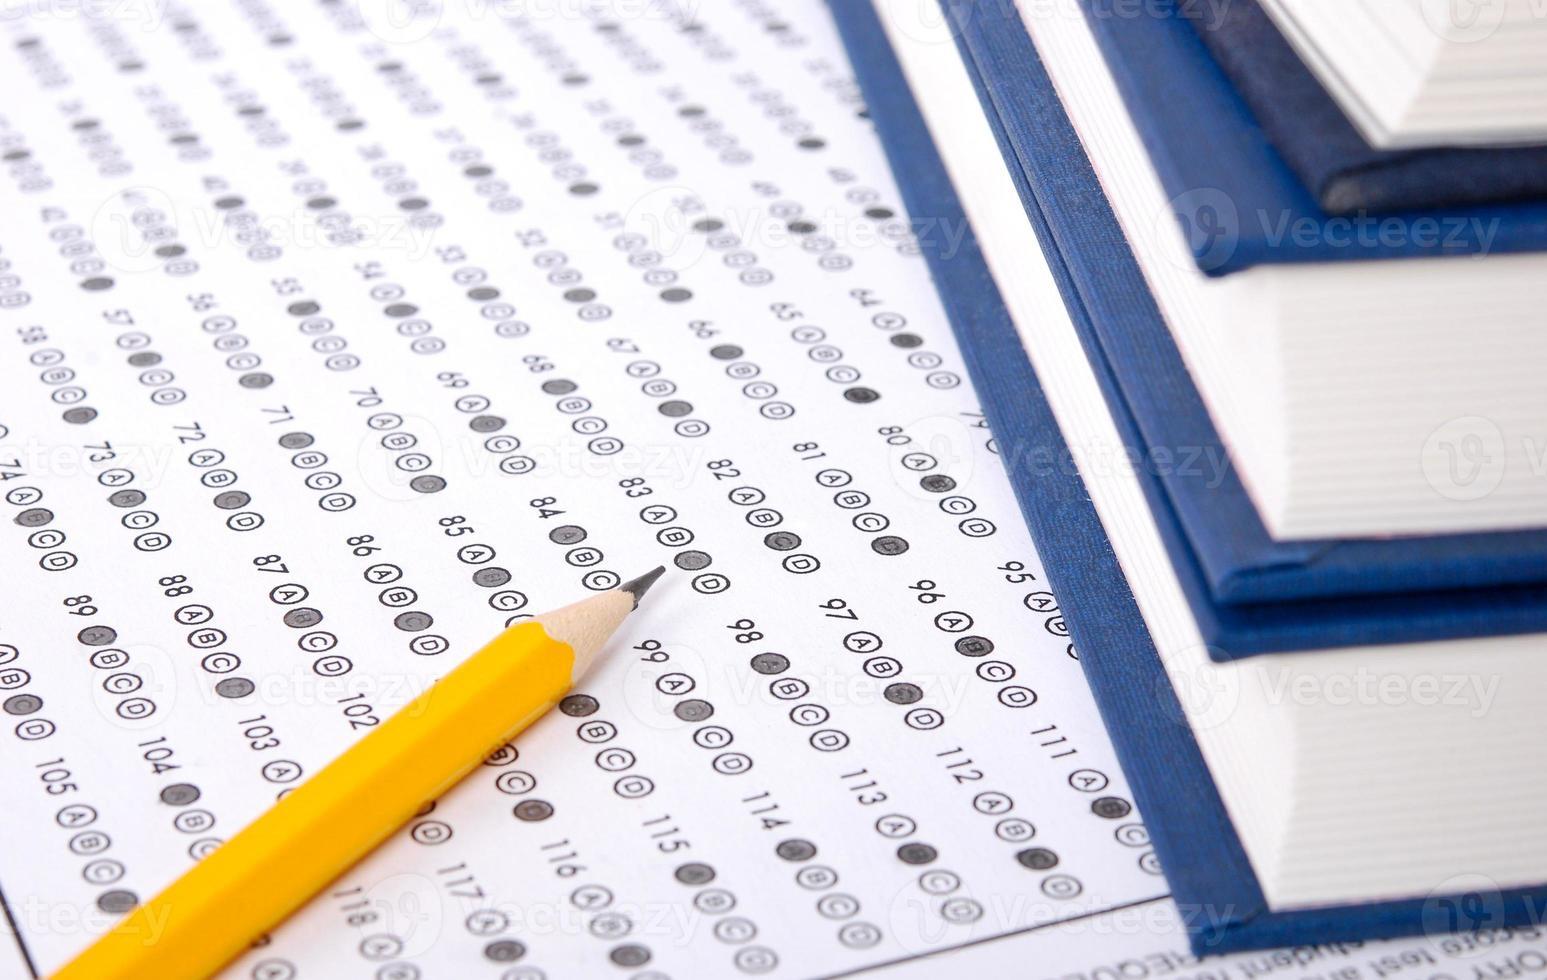 folha de respostas com lápis foto